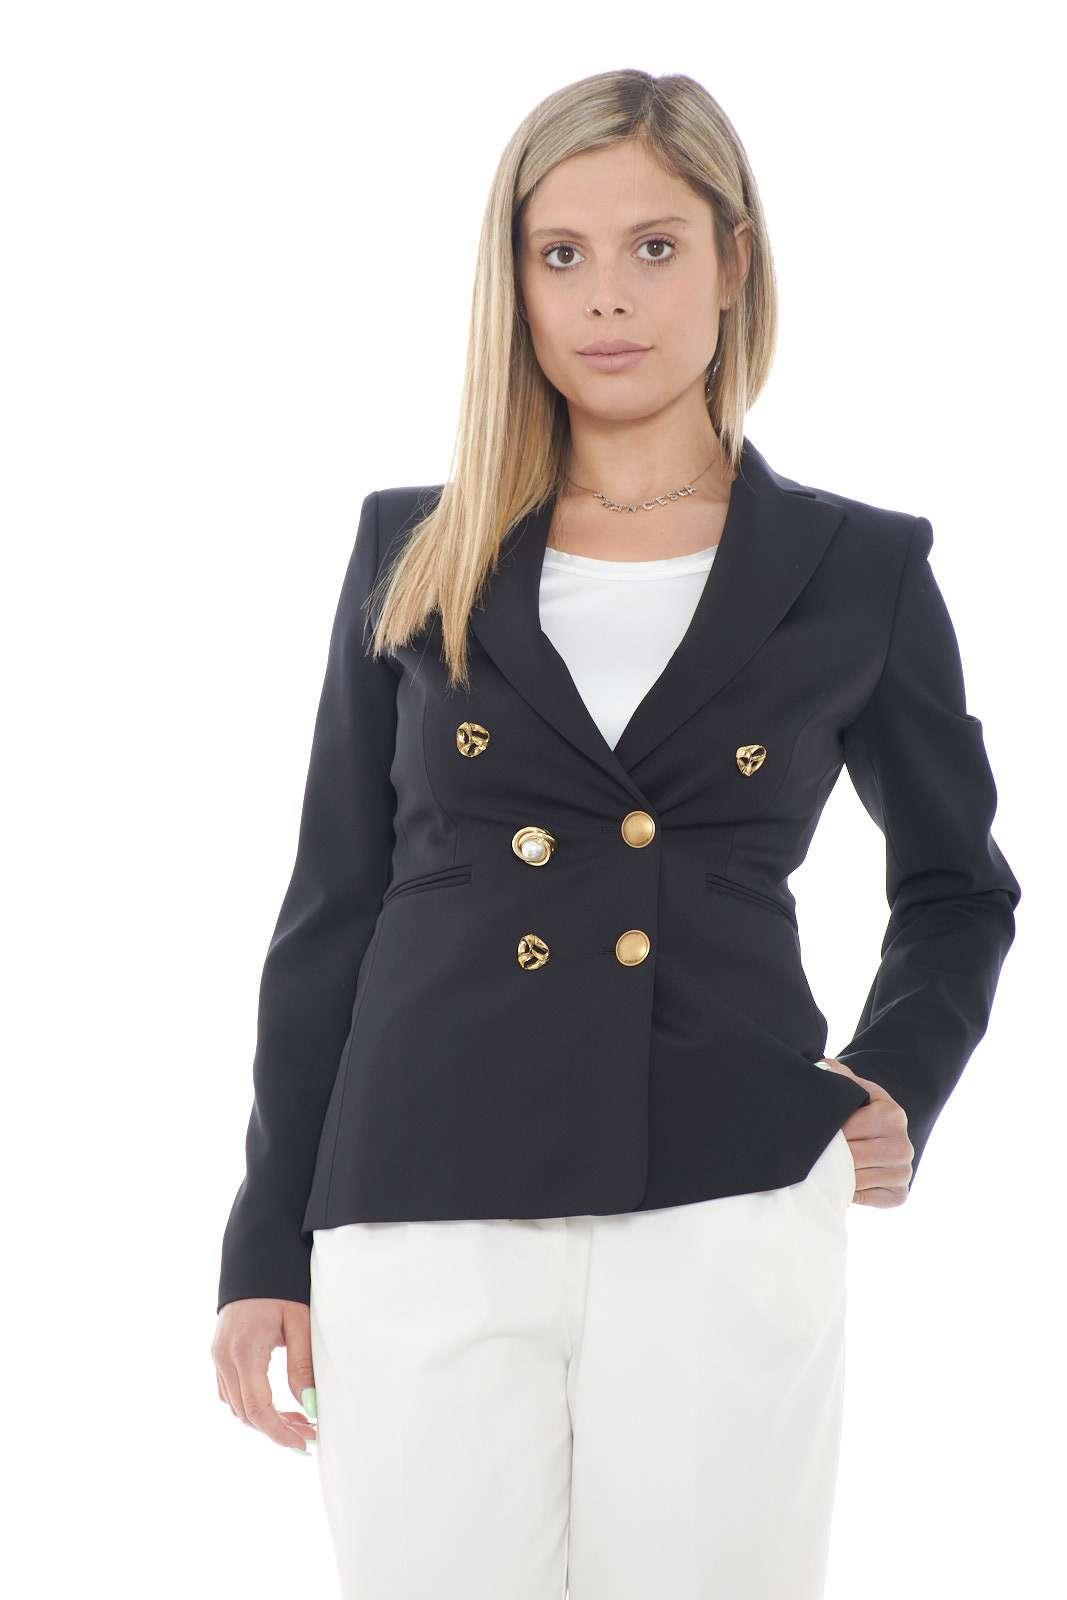 Elegantissima e affascinante la giacca Alexia 1 firmata dalla collezione primavera estate di Pinko. Una vestibilità slim caratterizzata dall'importante chiusura doppiopetto con bottoni gioiello. Dedicata ai look più importanti è essenza di stile.